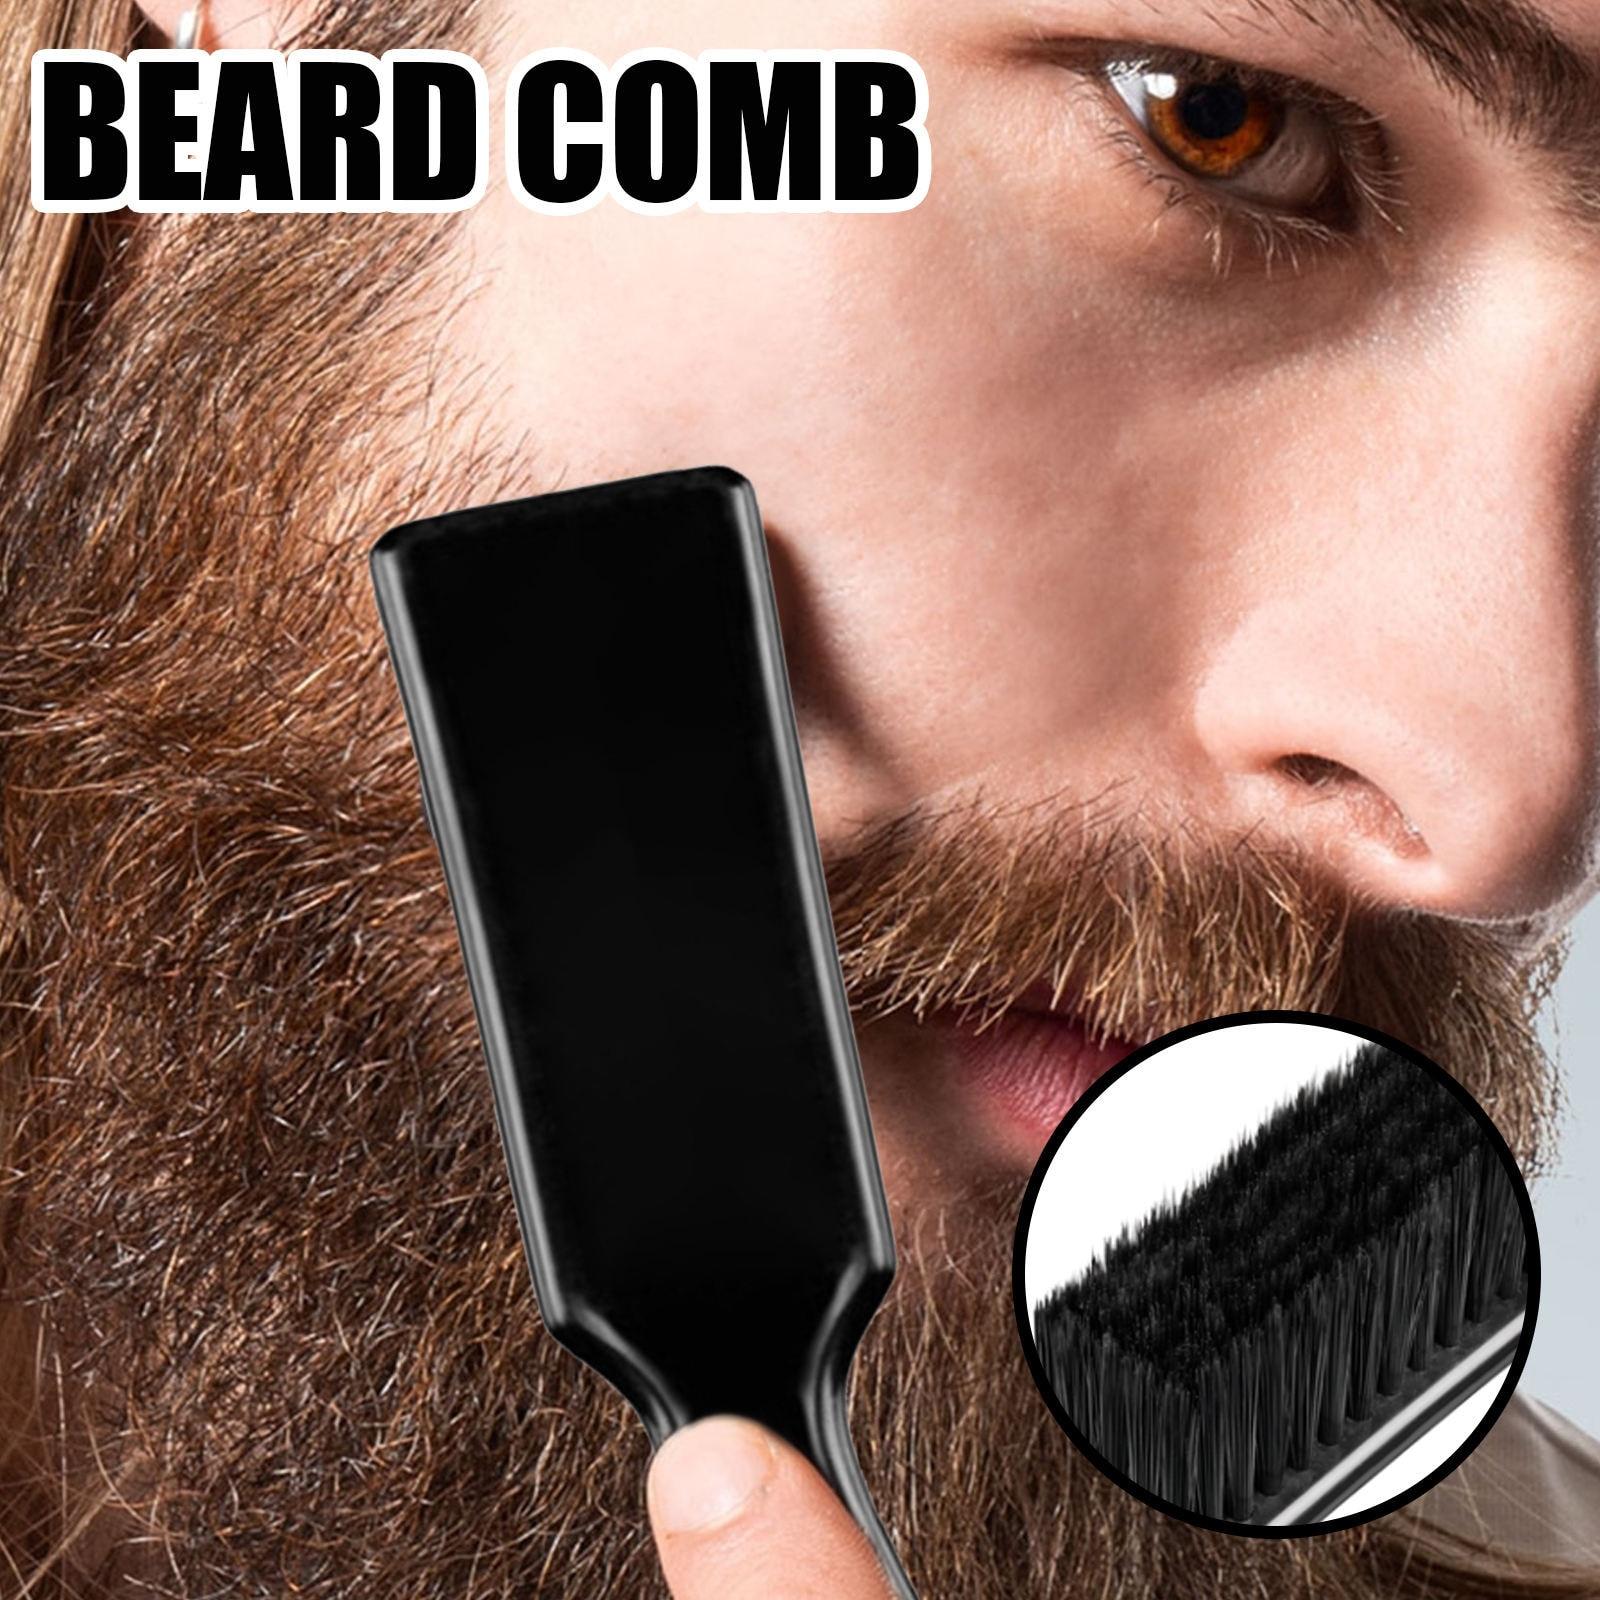 Men Facial Beard Cleaning Face Massager Appliance Mustache Trimming Salon Tool